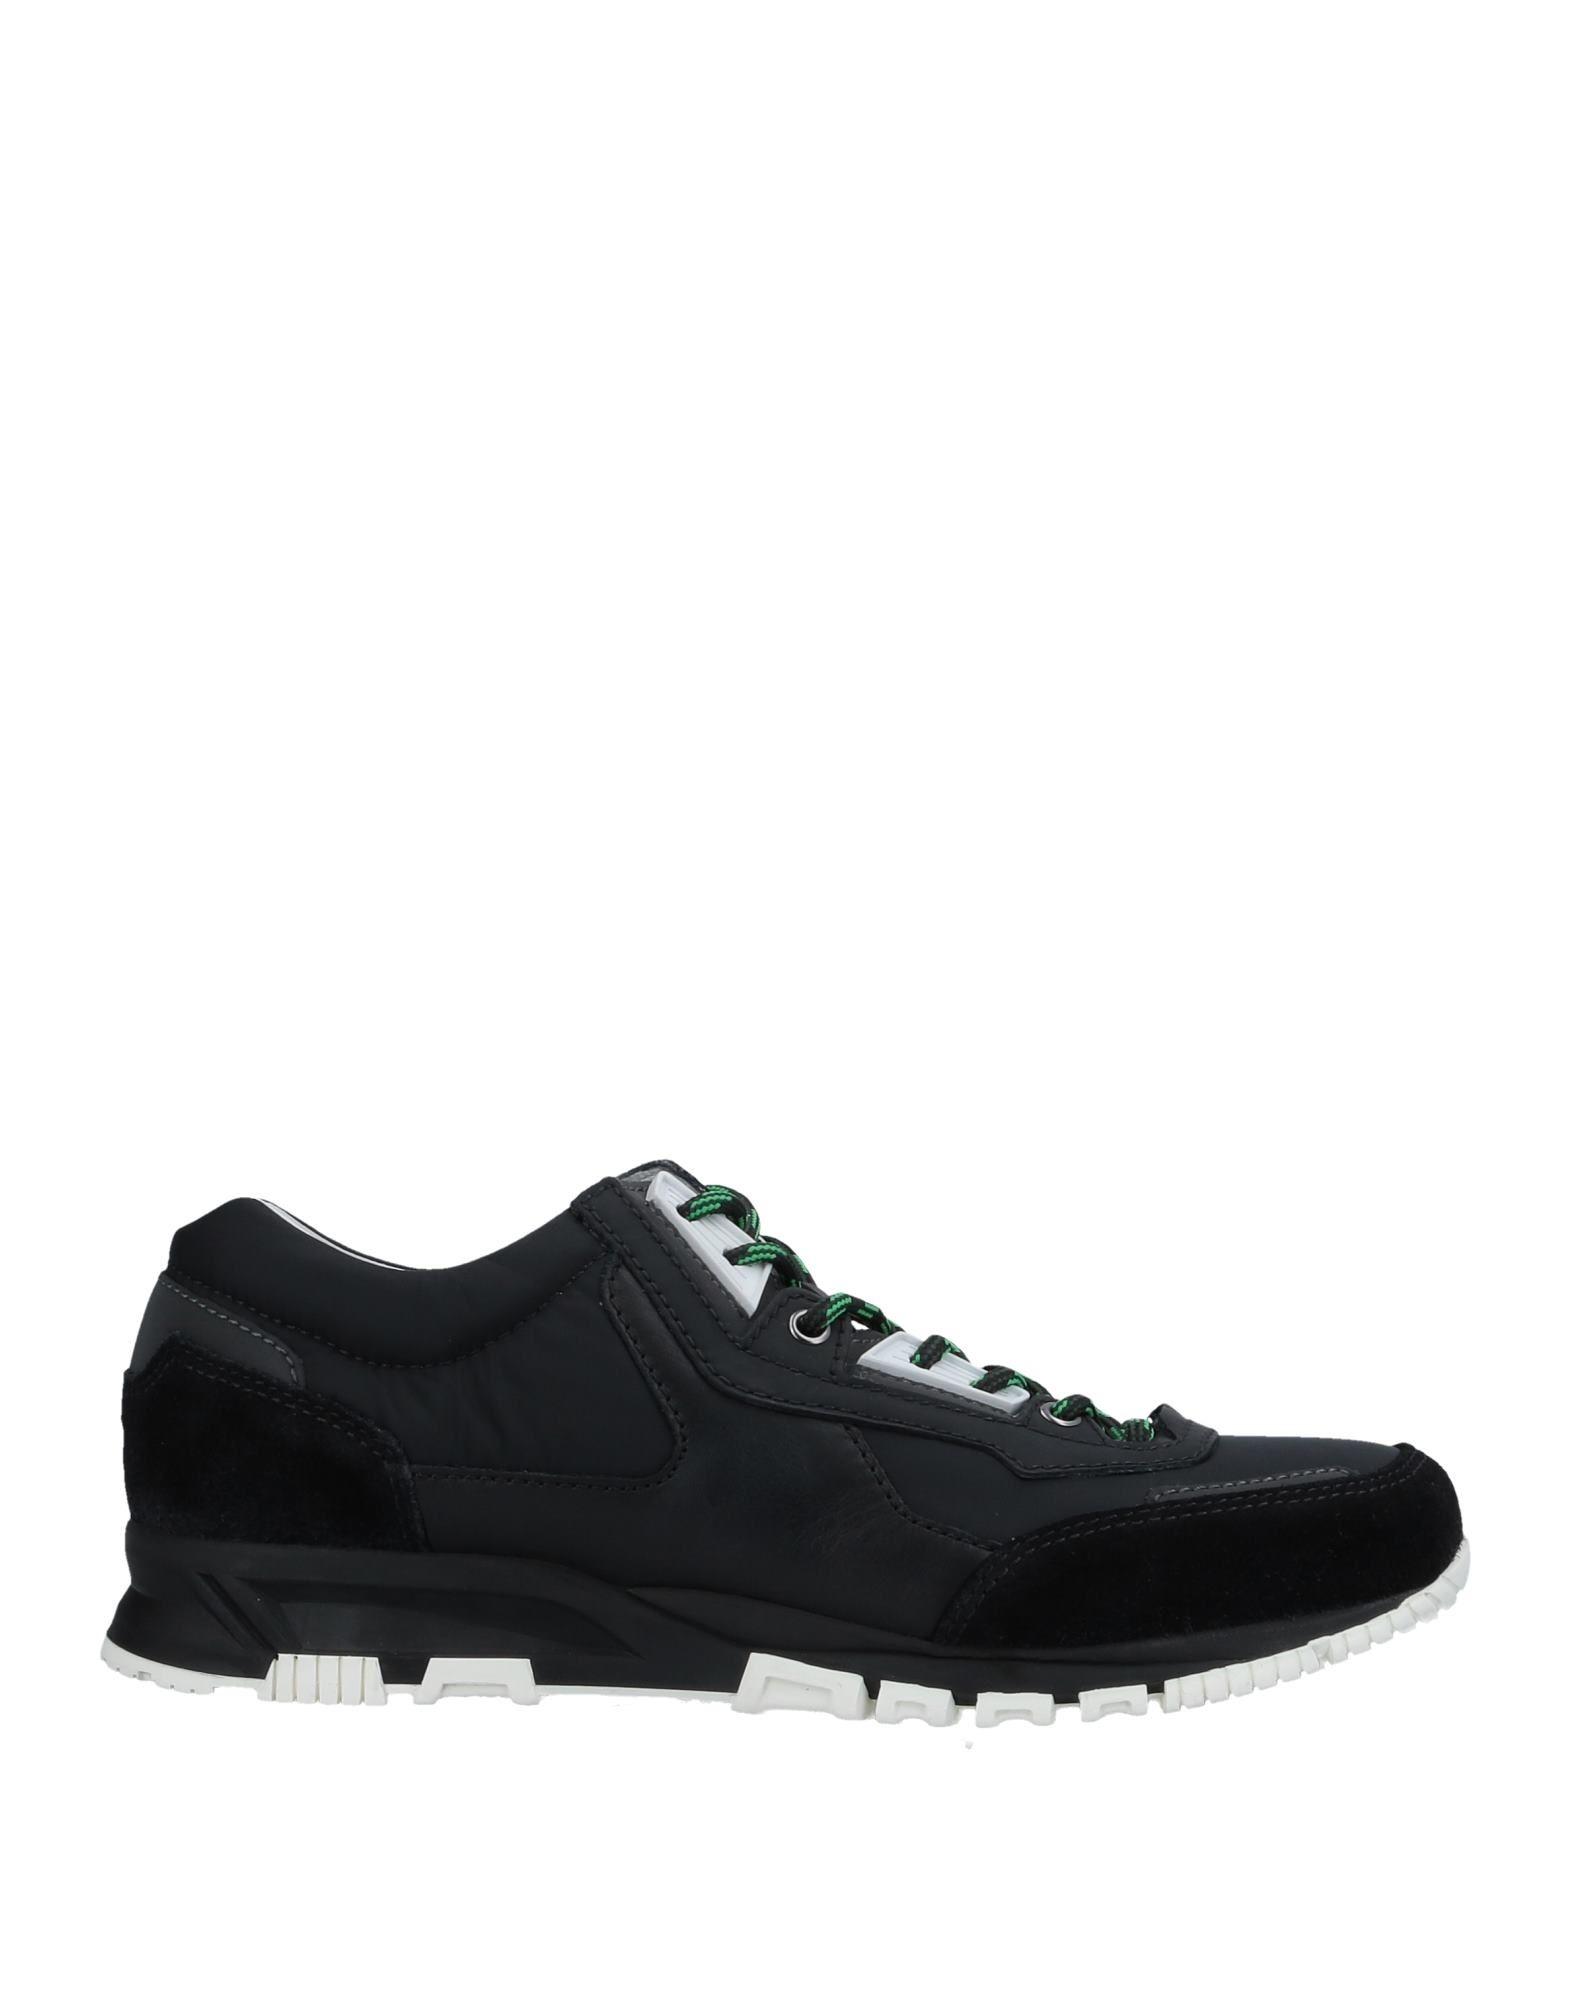 Lanvin Sneakers Herren  11510409KW Gute Qualität beliebte Schuhe